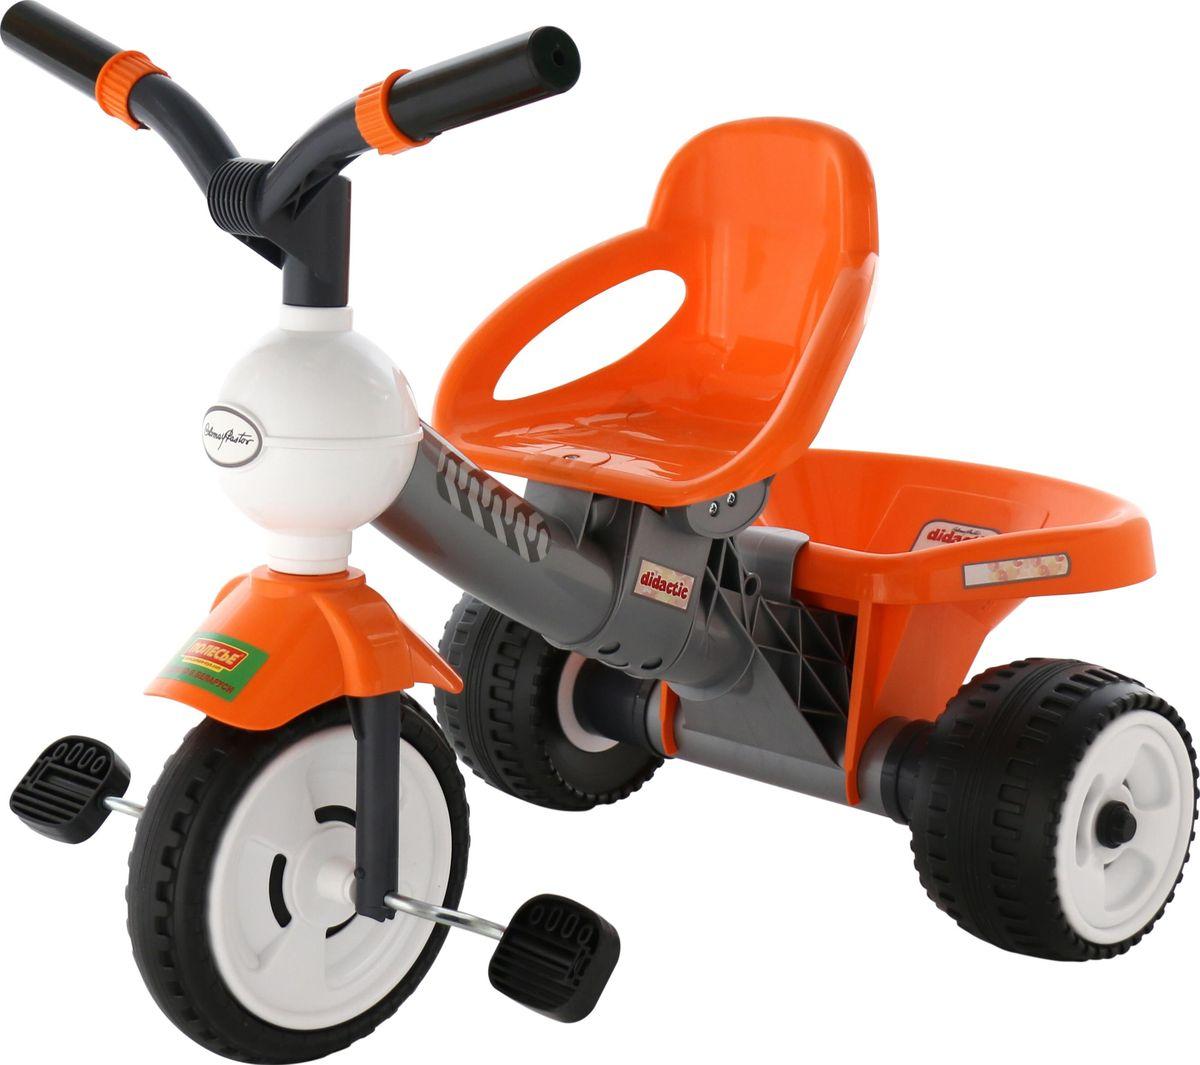 Полесье Велосипед трехколесный Дидактик, 46321, цвет в ассортименте